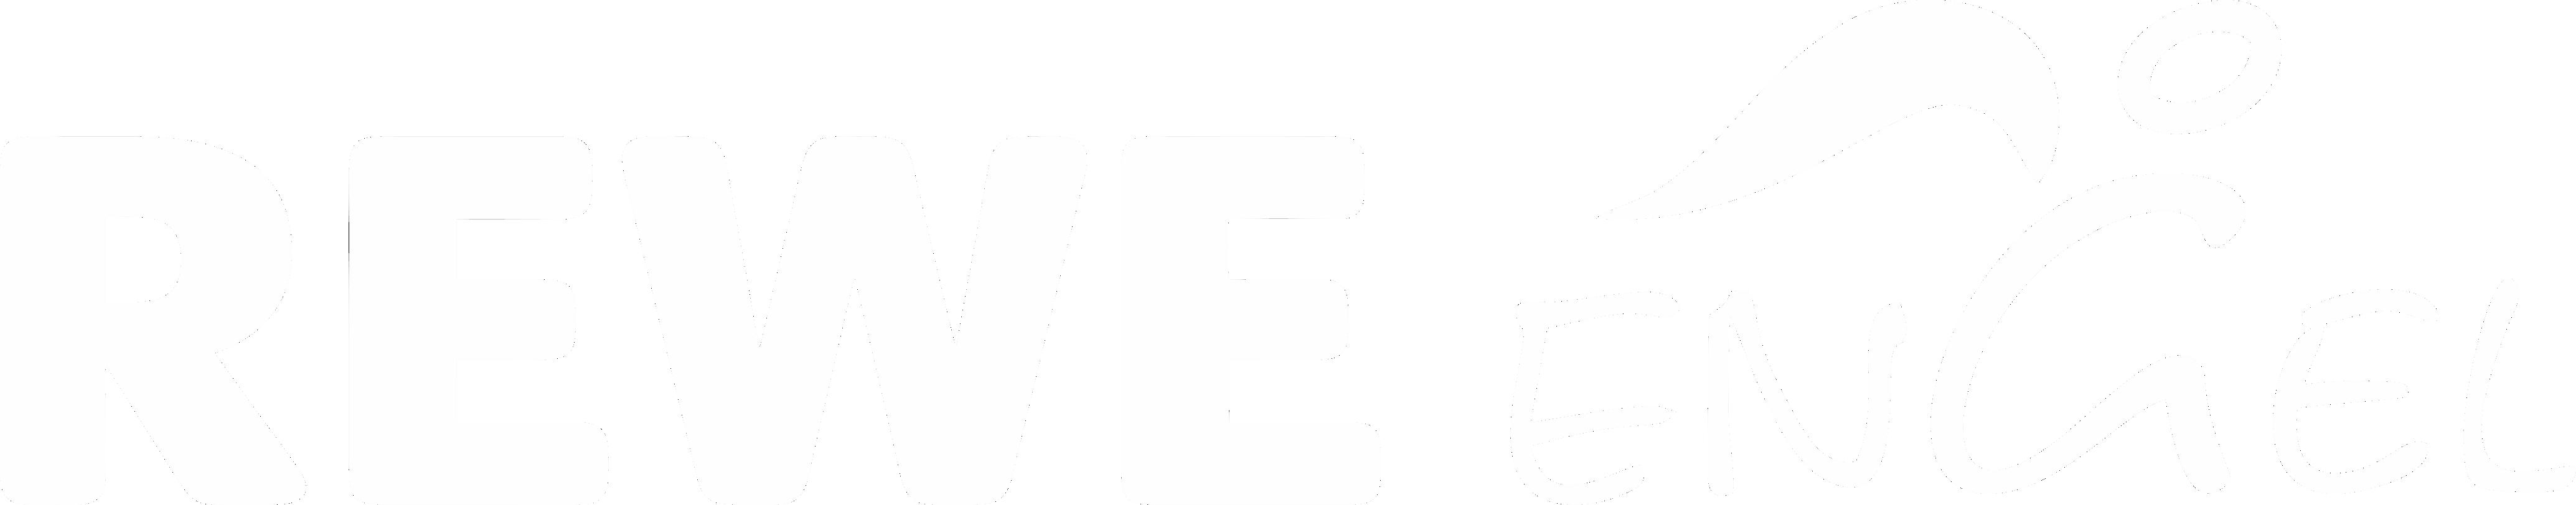 Rewe-Engel